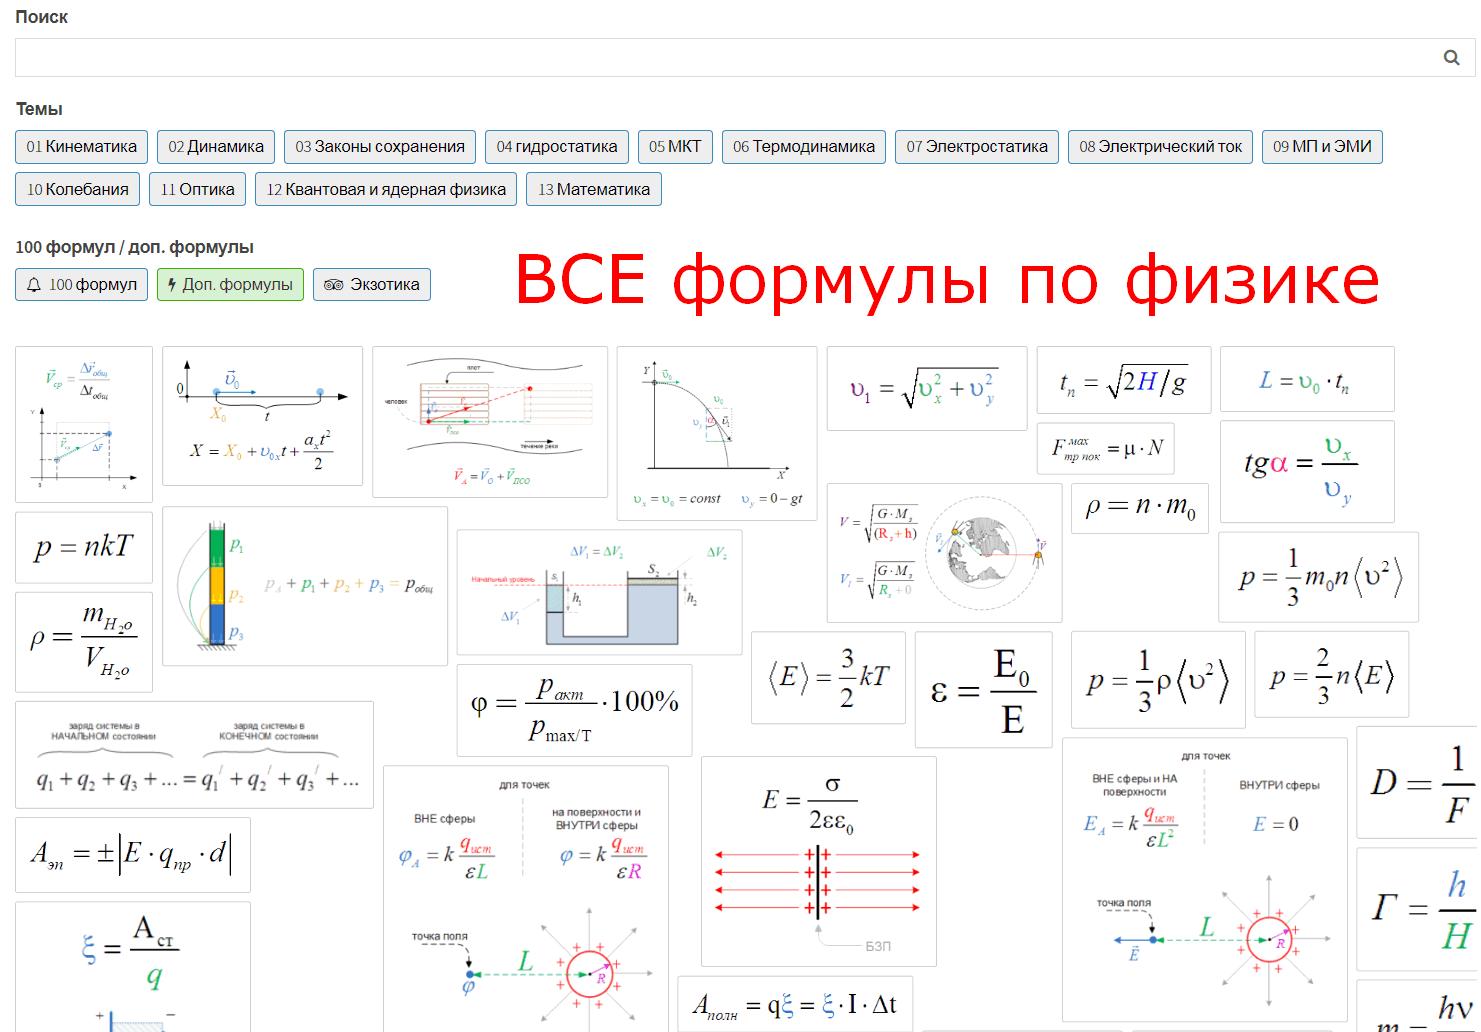 Все формулы по физике для подготовки к ЦТ